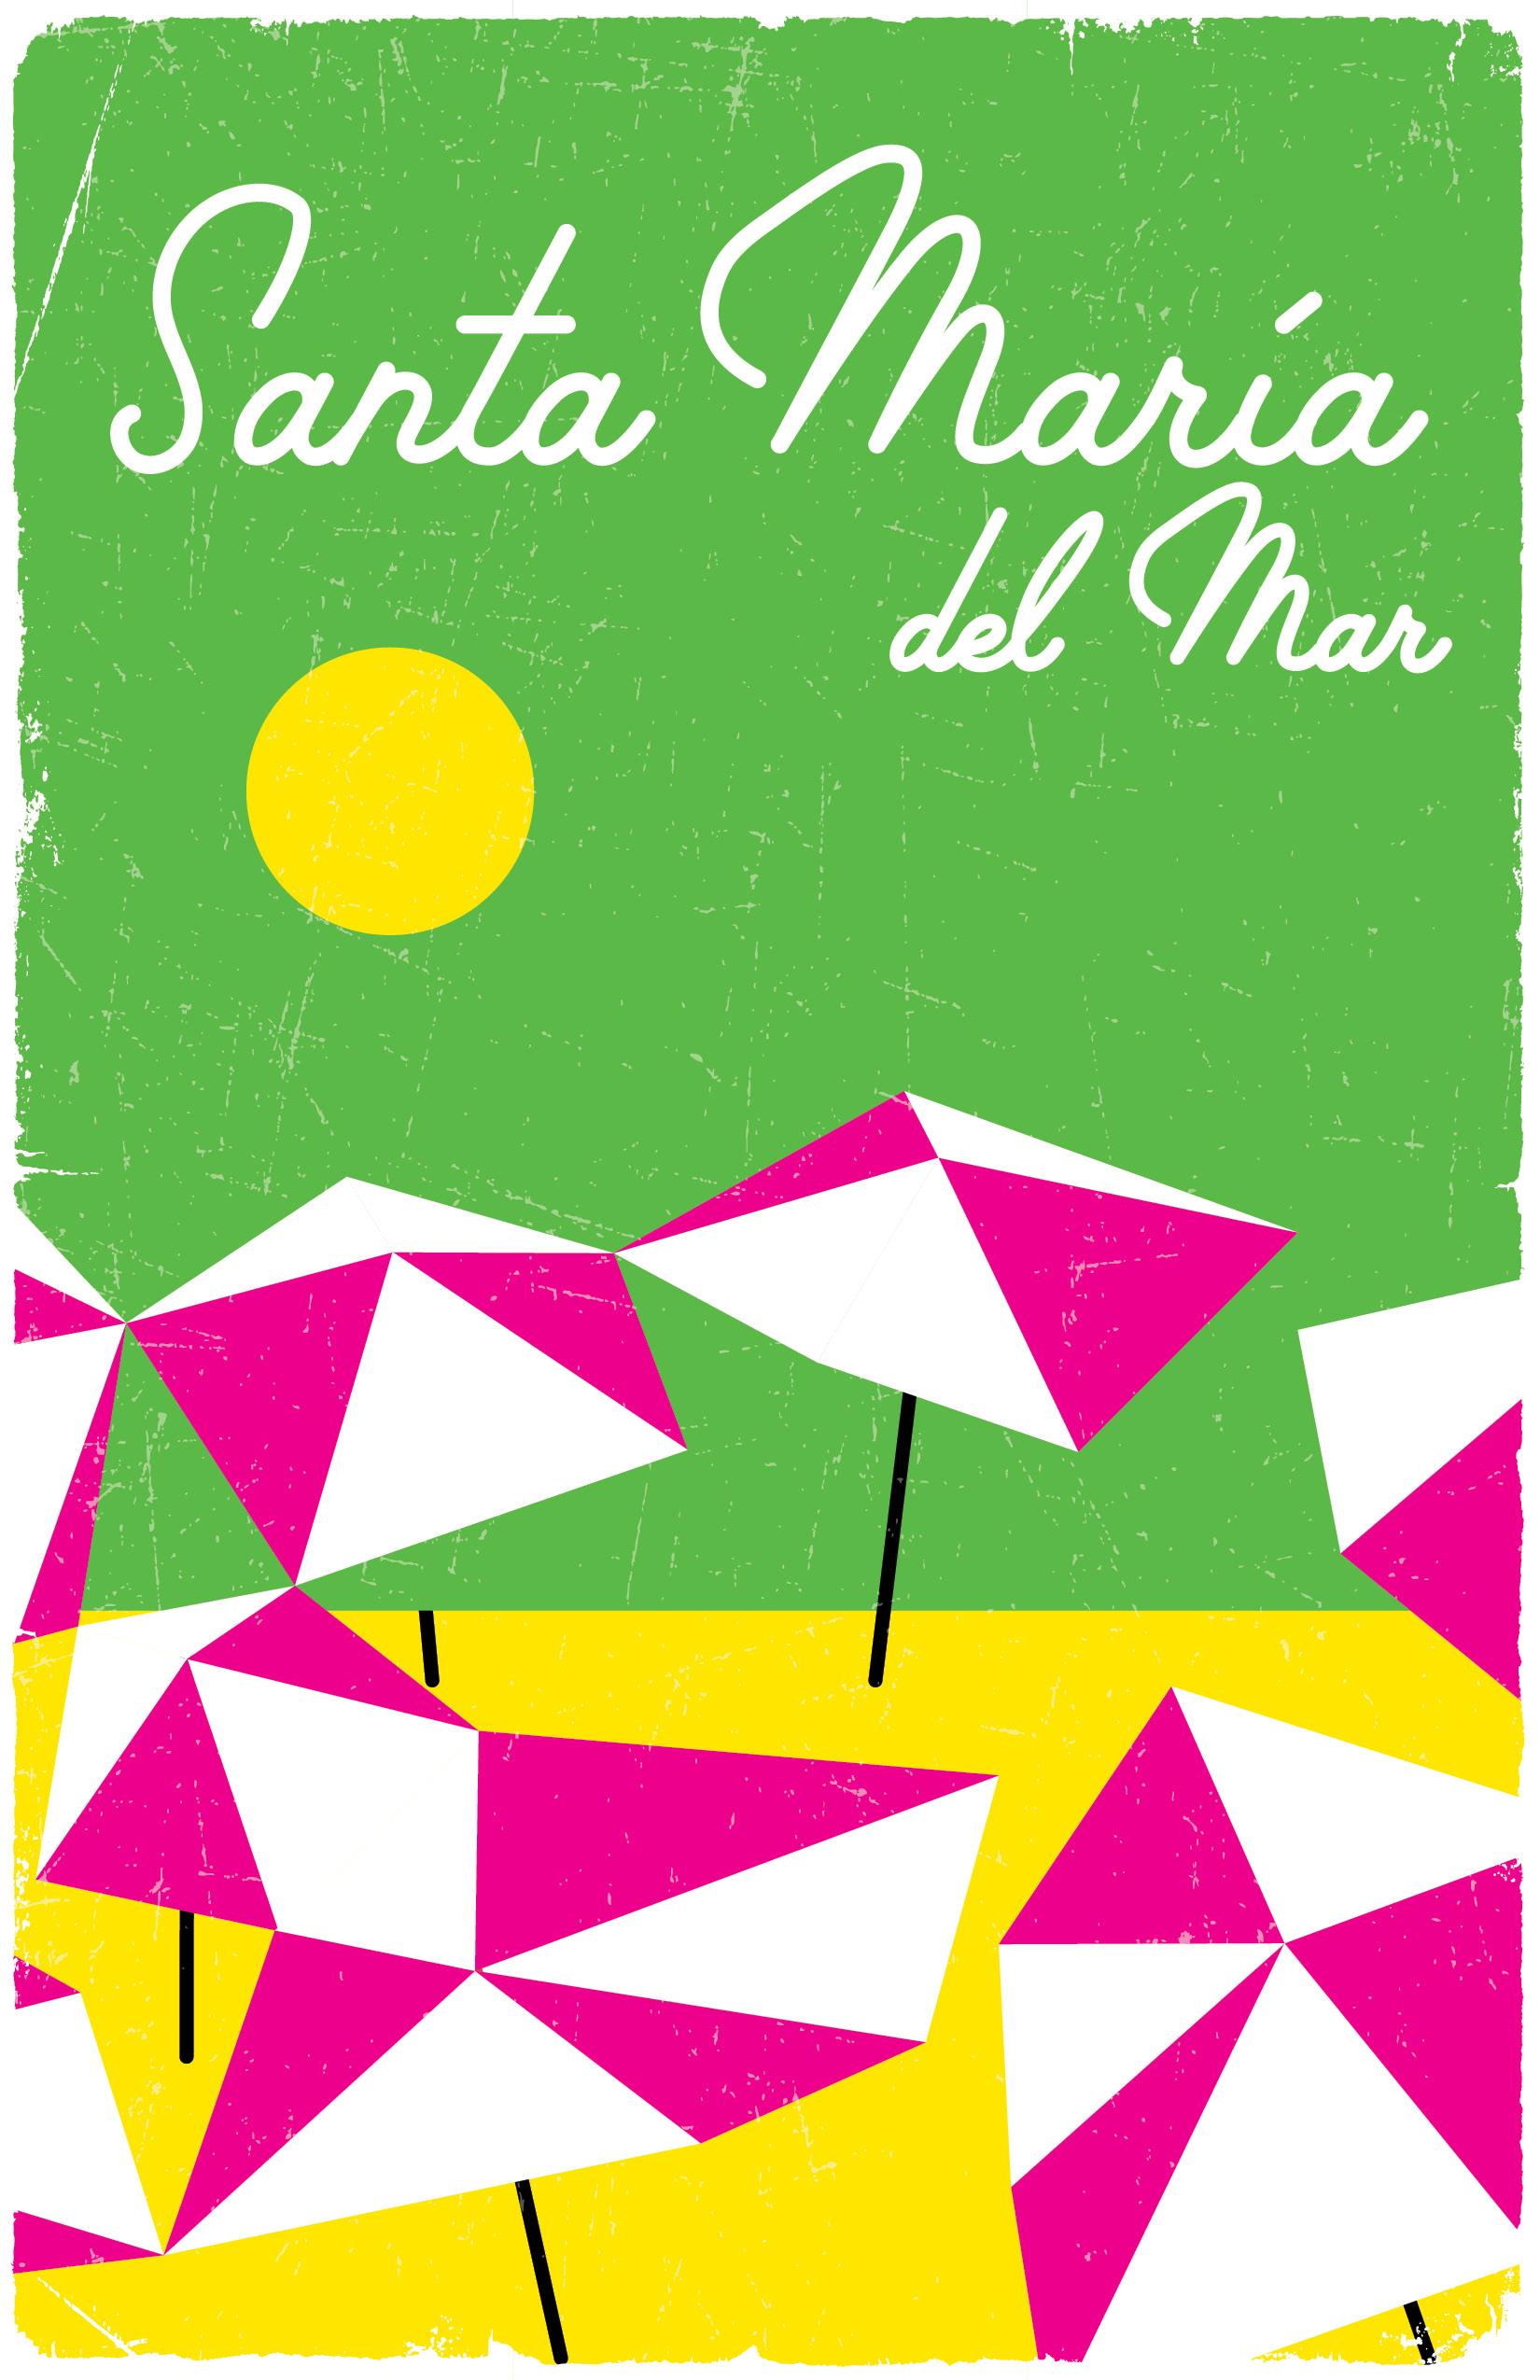 Havana-Wheat-Paste-Posters8.jpg